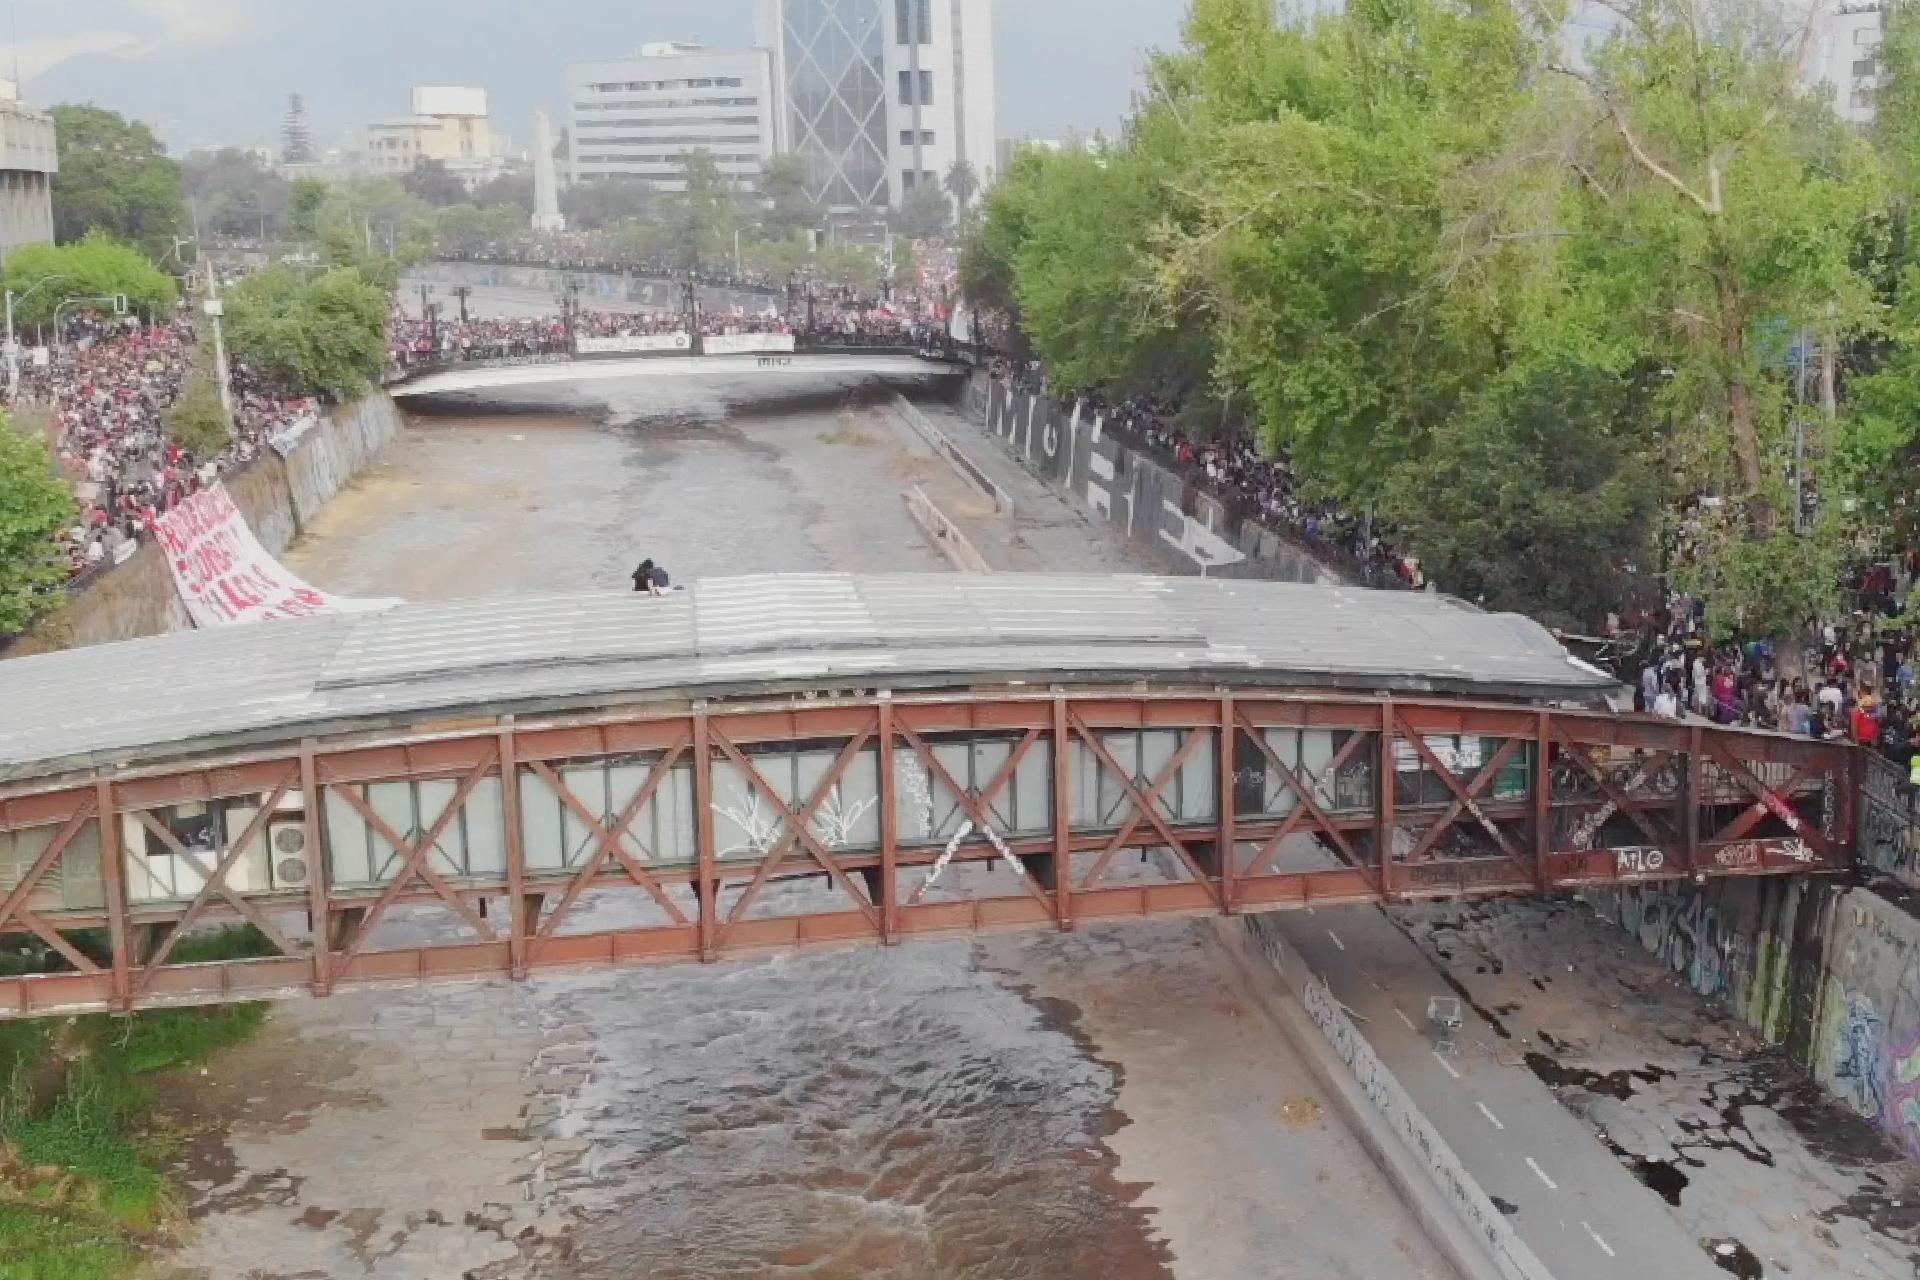 Teatro del Puente